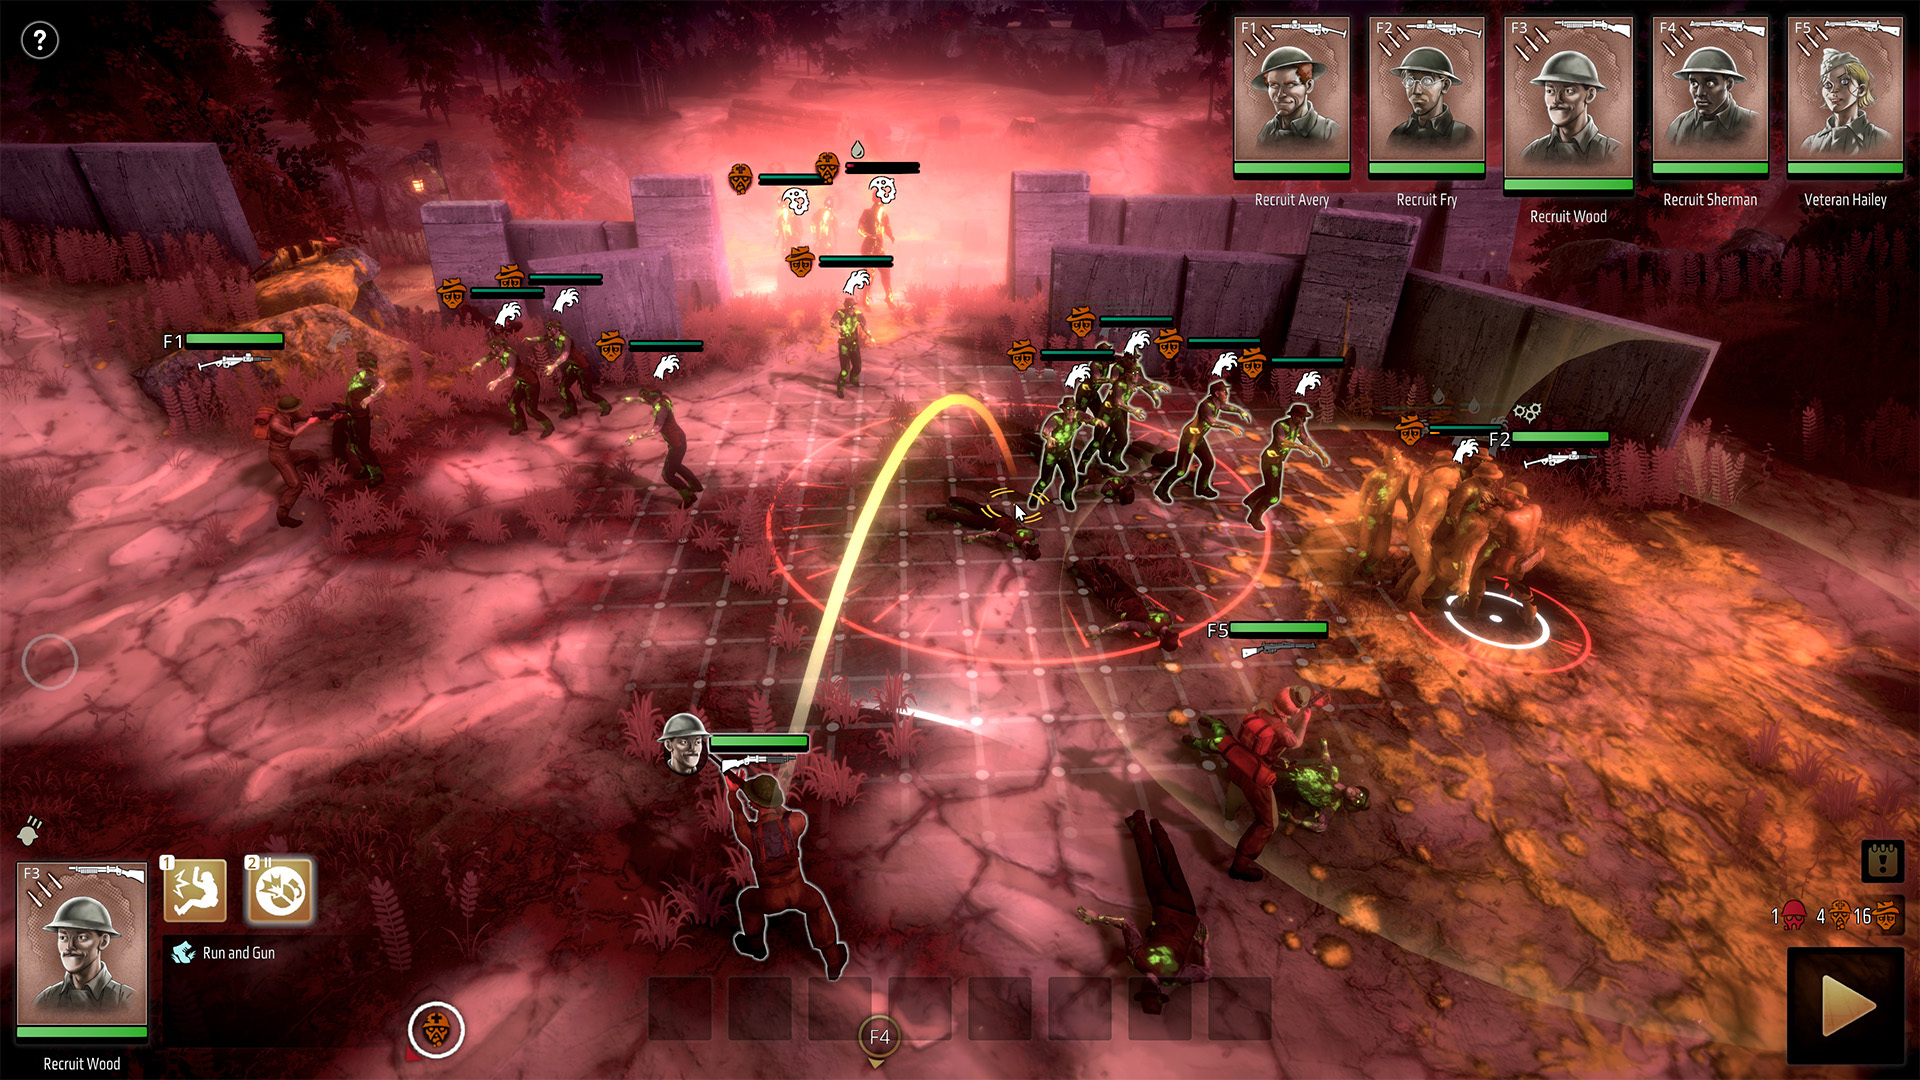 BL DLC Level Screenshots 4k   05